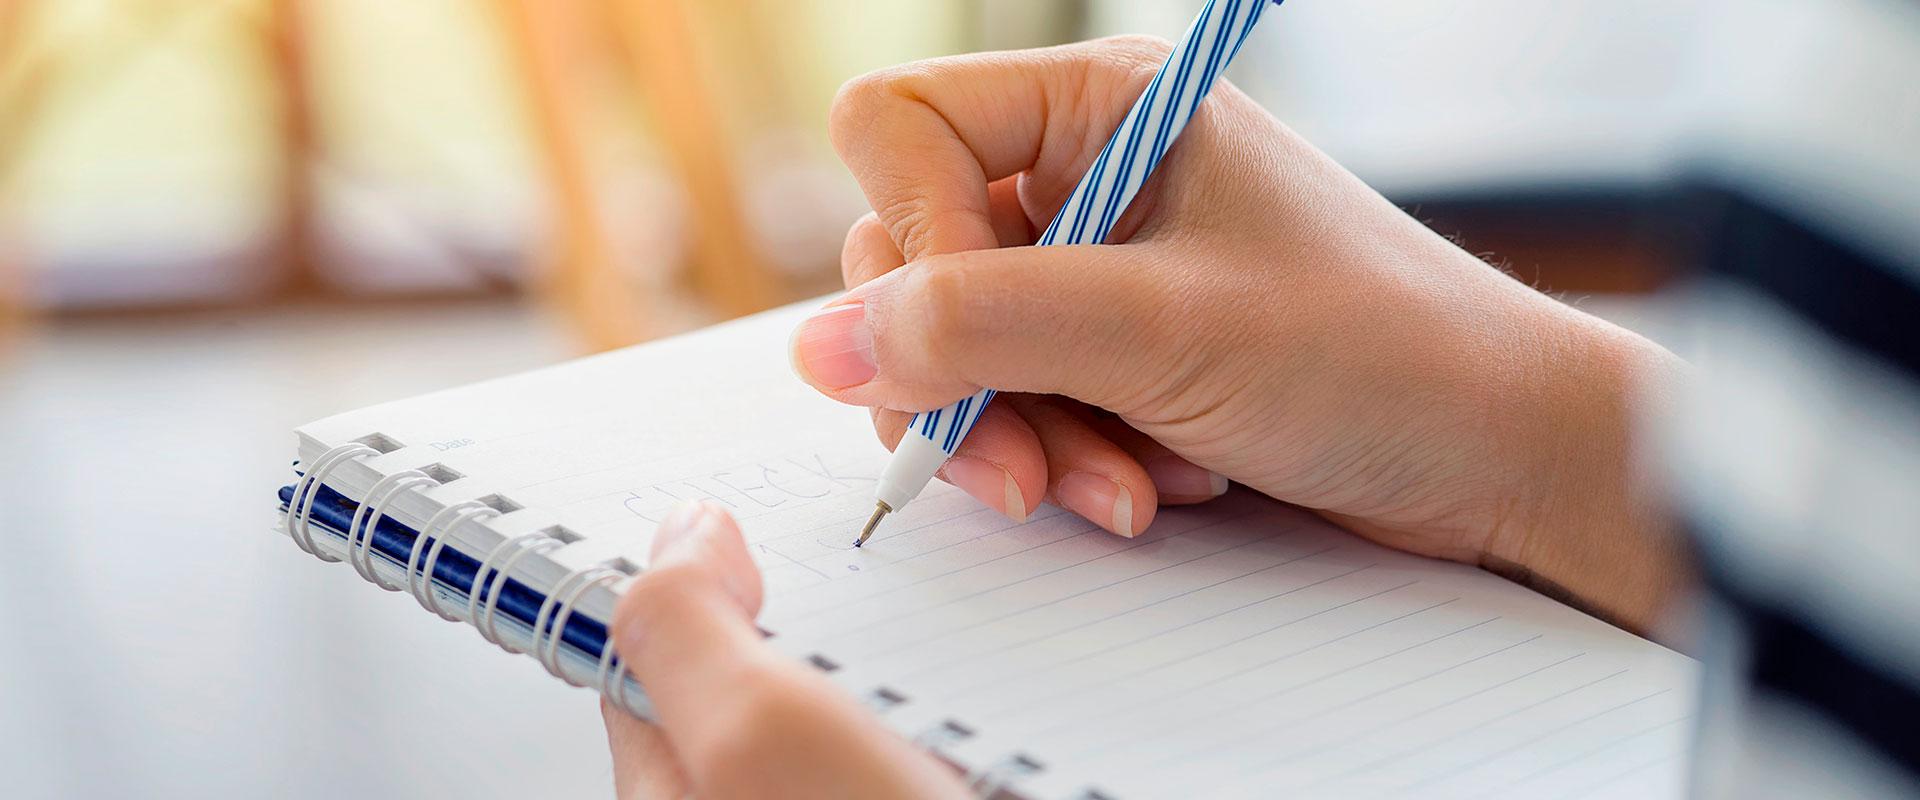 Persona escribiendo sus propósitos de año nuevo.